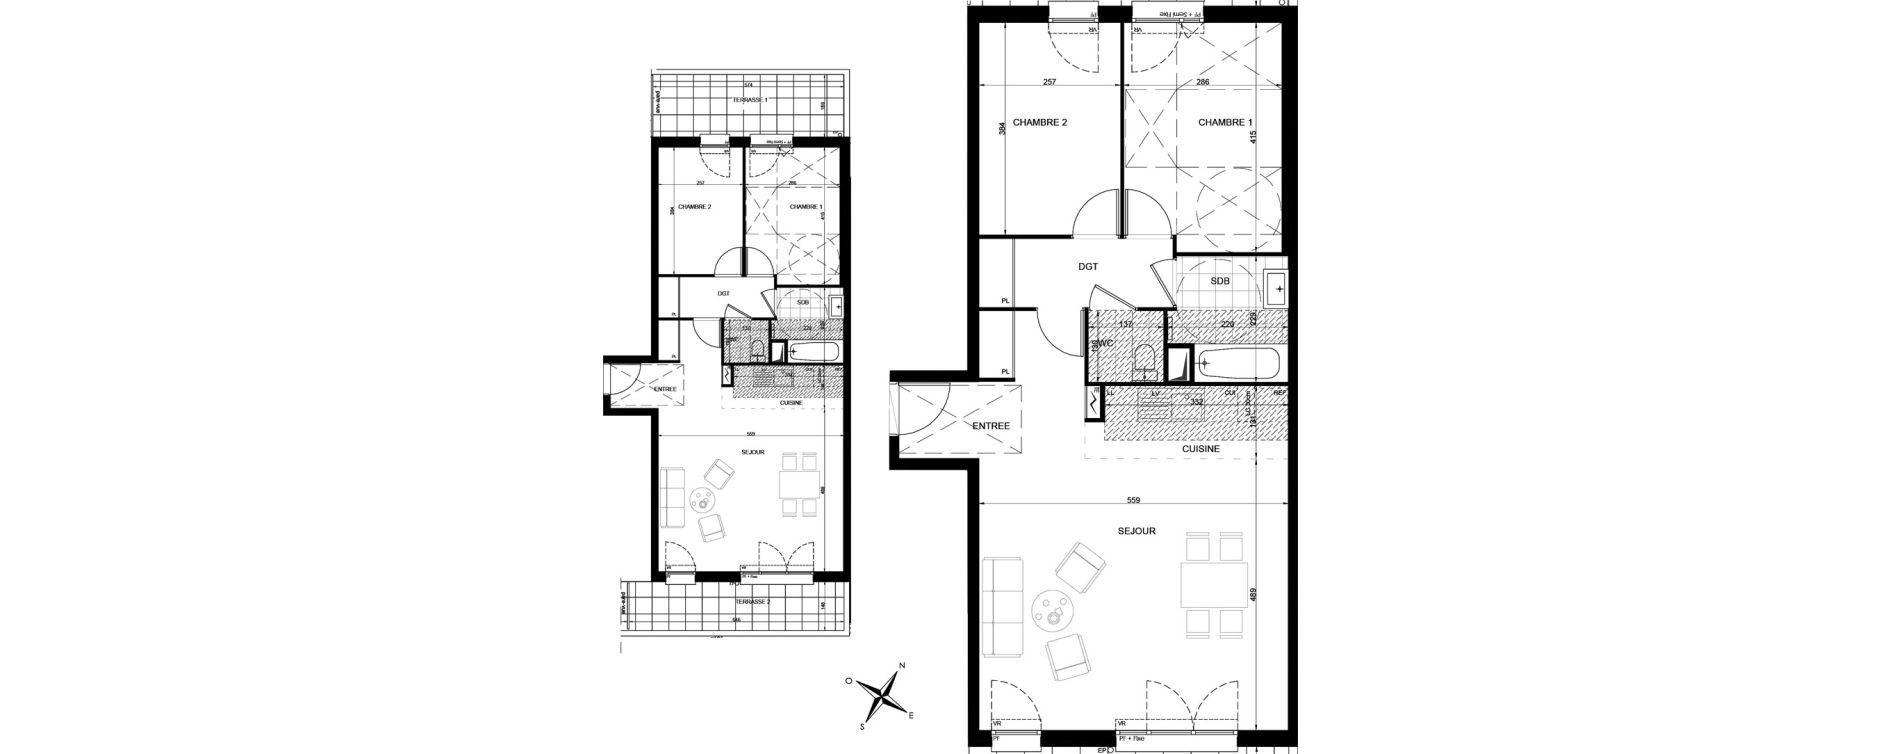 Appartement T3 de 71,17 m2 à Livry-Gargan Centre